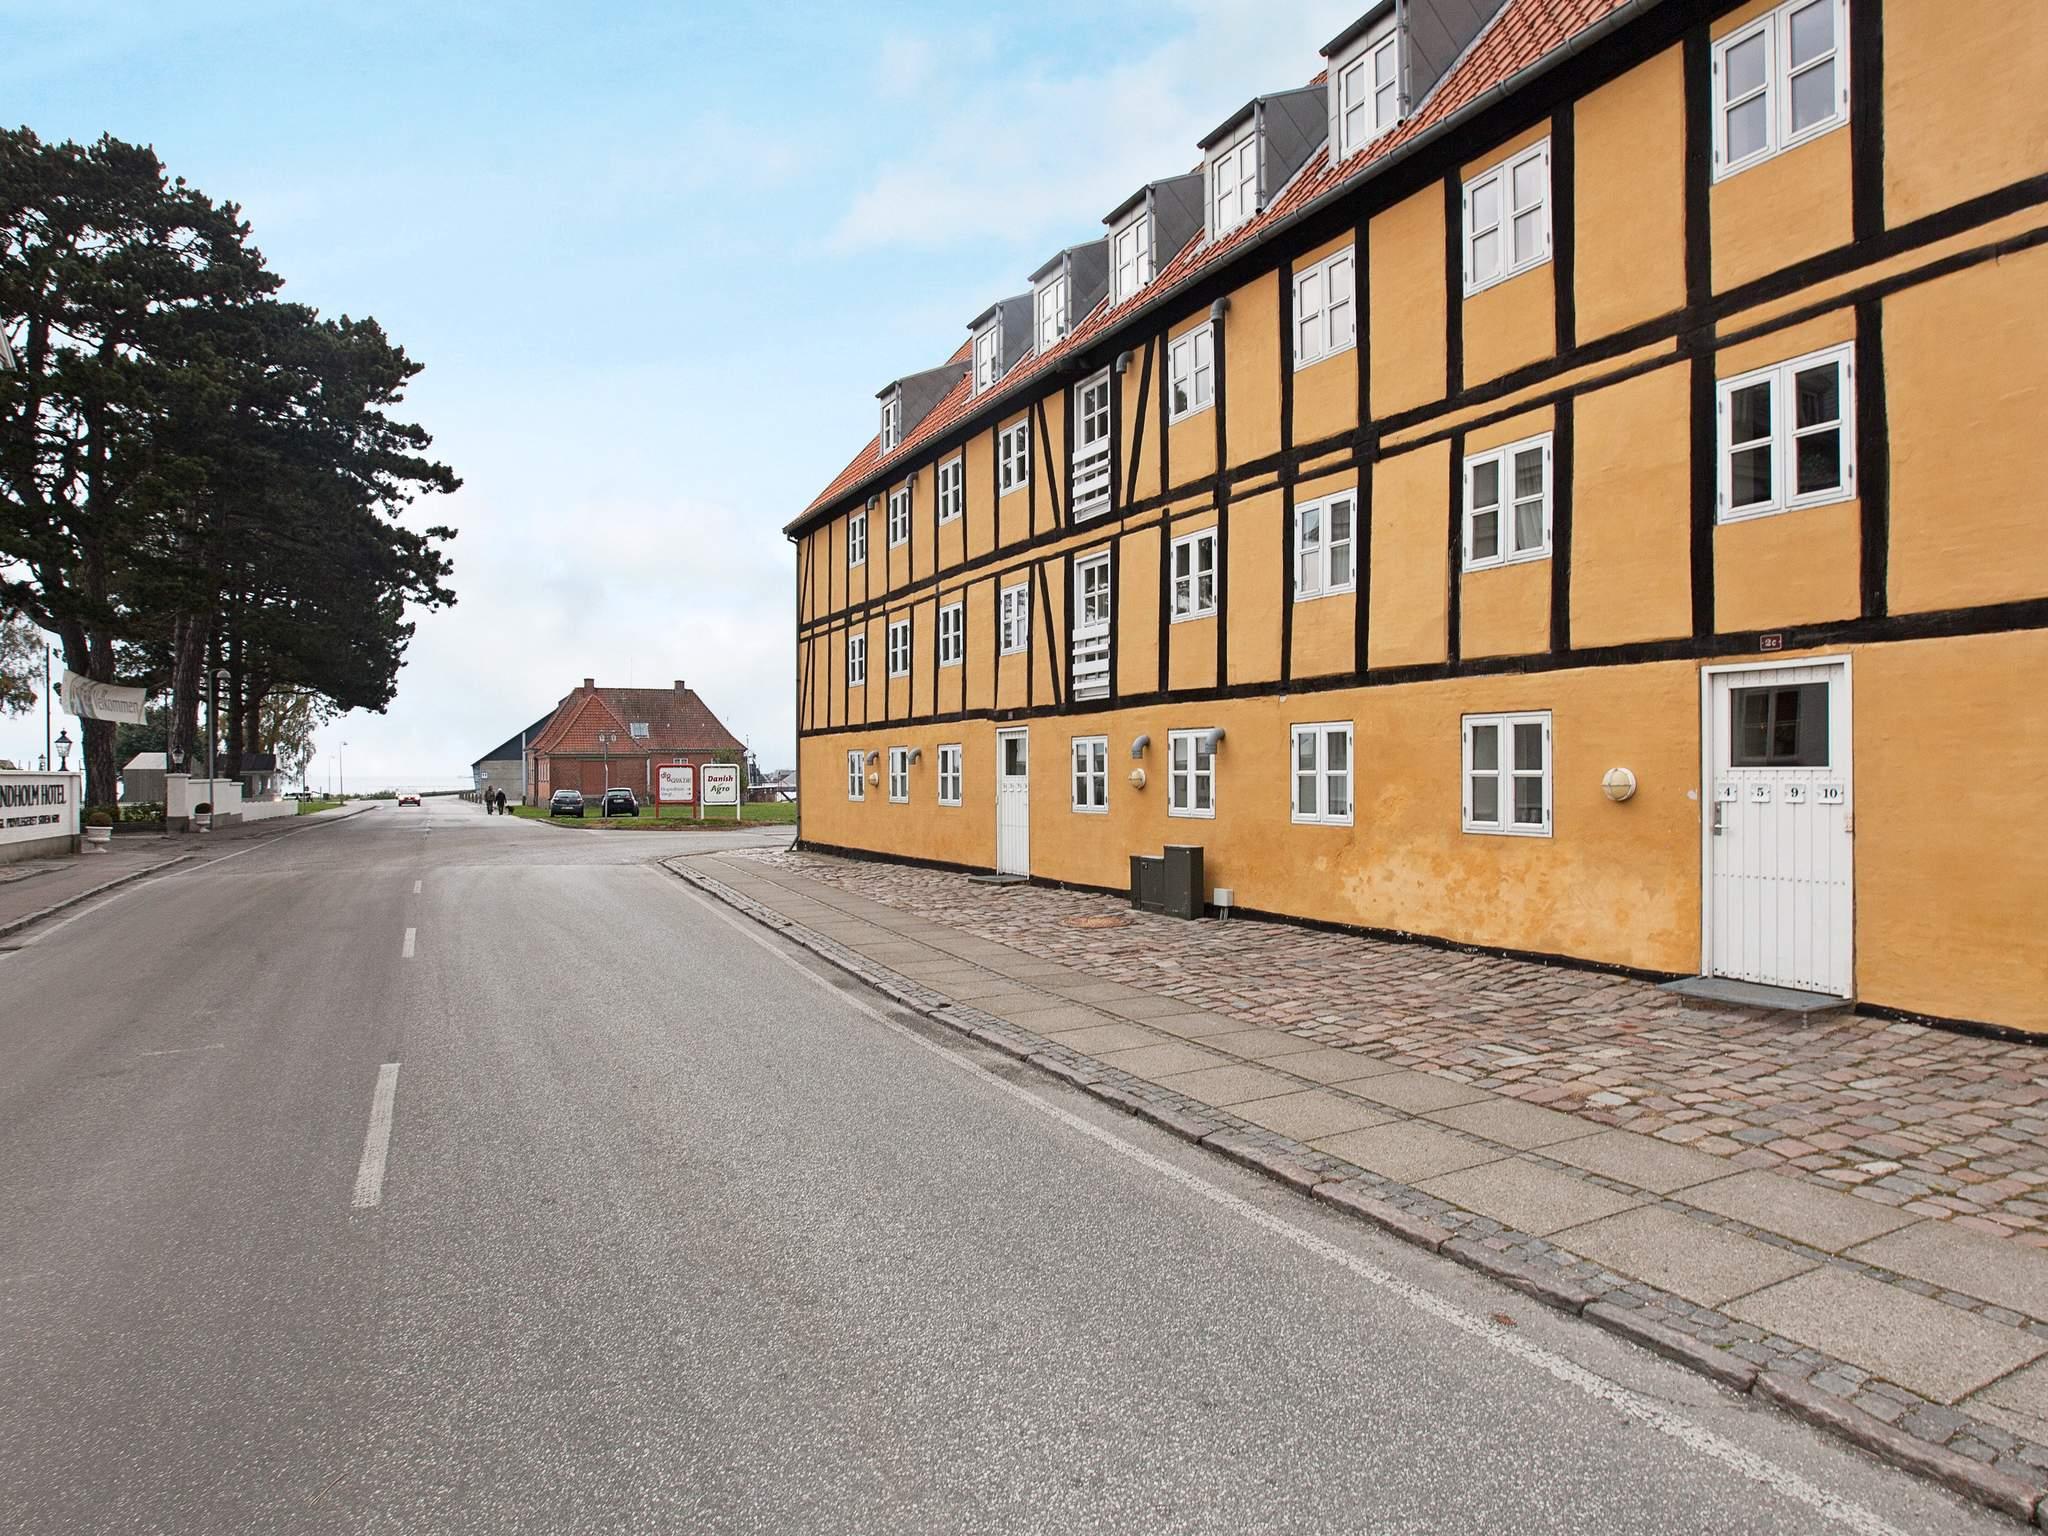 Ferienwohnung Bandholm (1718018), Bandholm, , Lolland, Dänemark, Bild 21